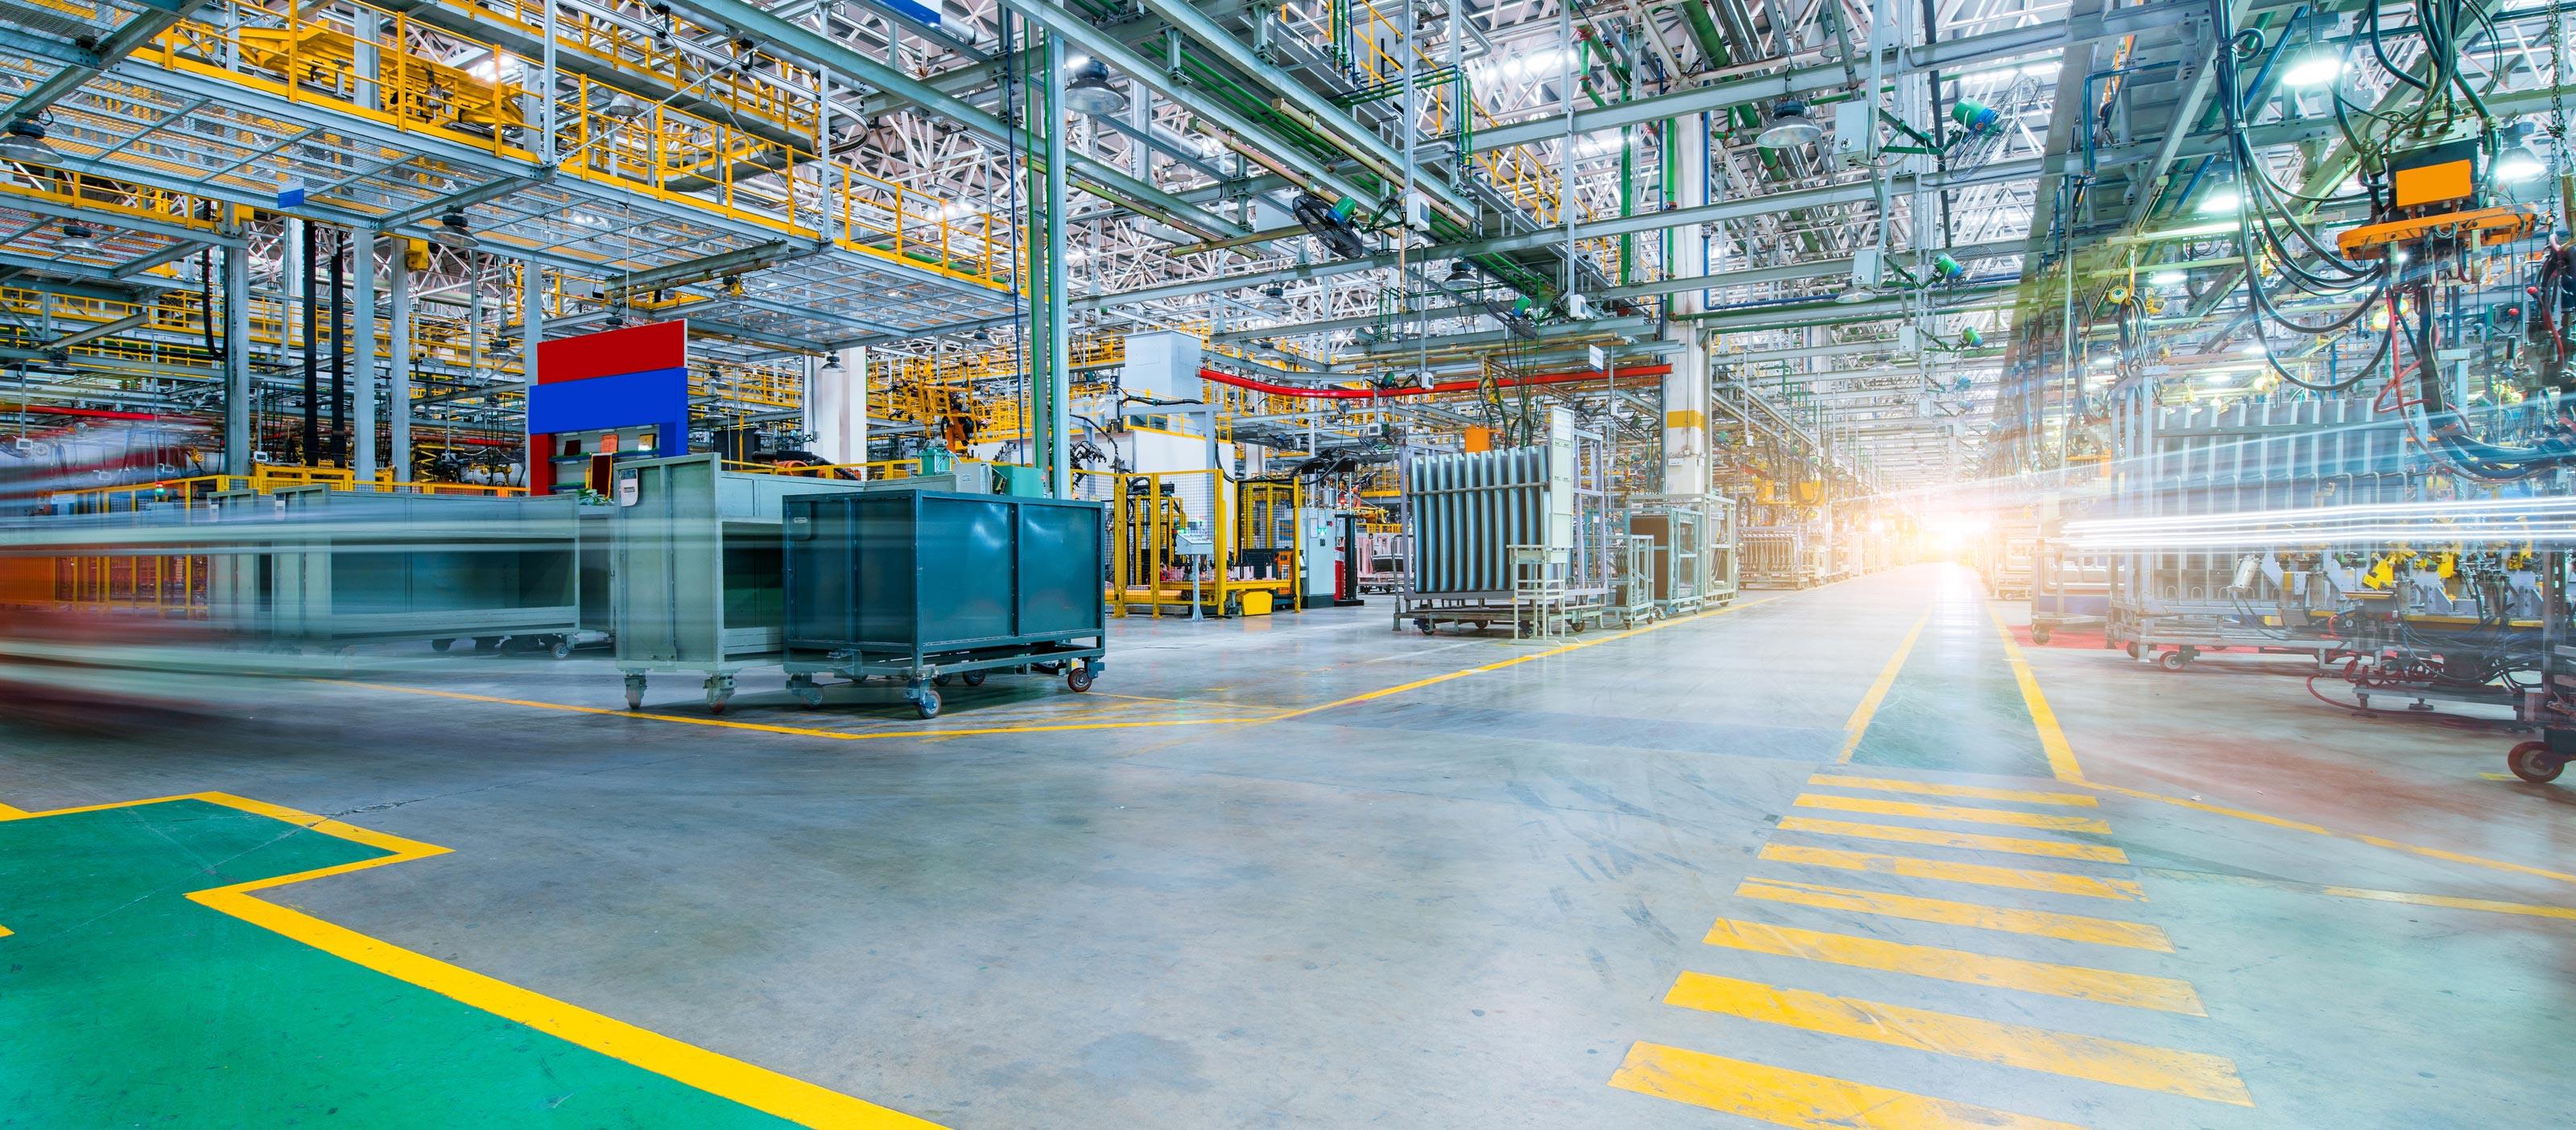 header-manufacturing-automotive-175905640-3200x1404.jpg